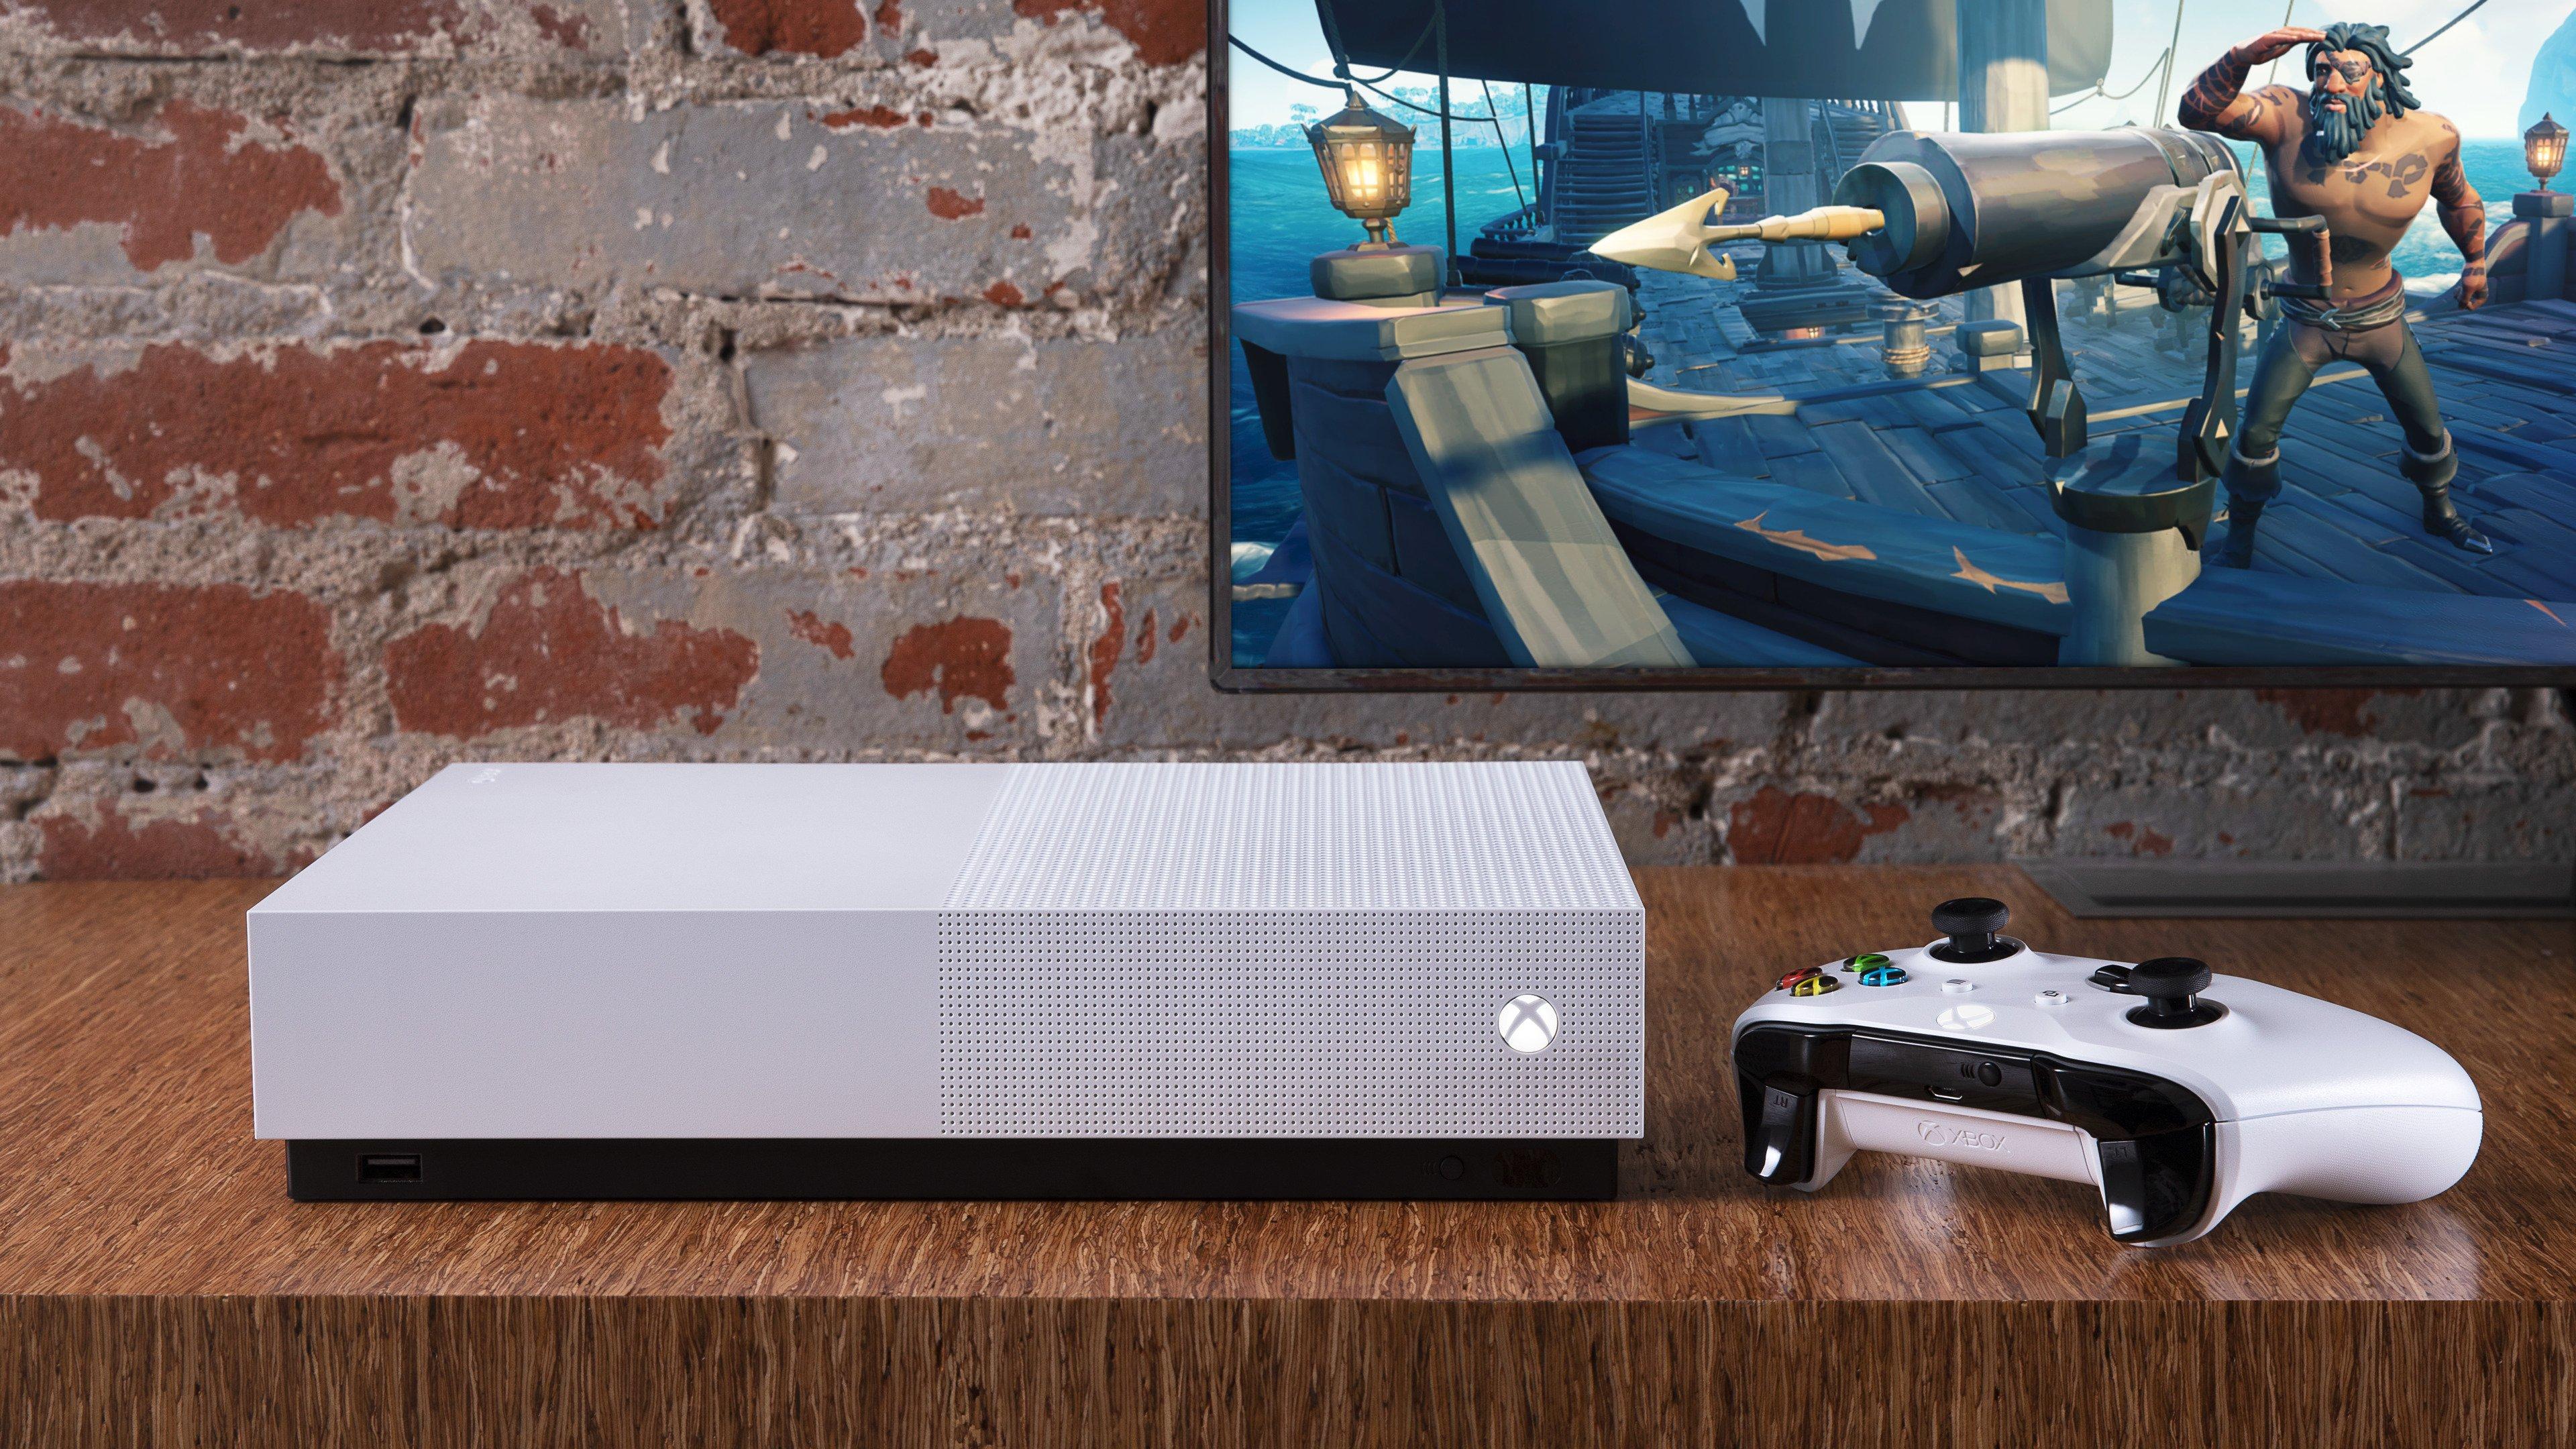 Xbox One : déjà en retard sur la PS4, ses ventes chutent drastiquement en fin de génération